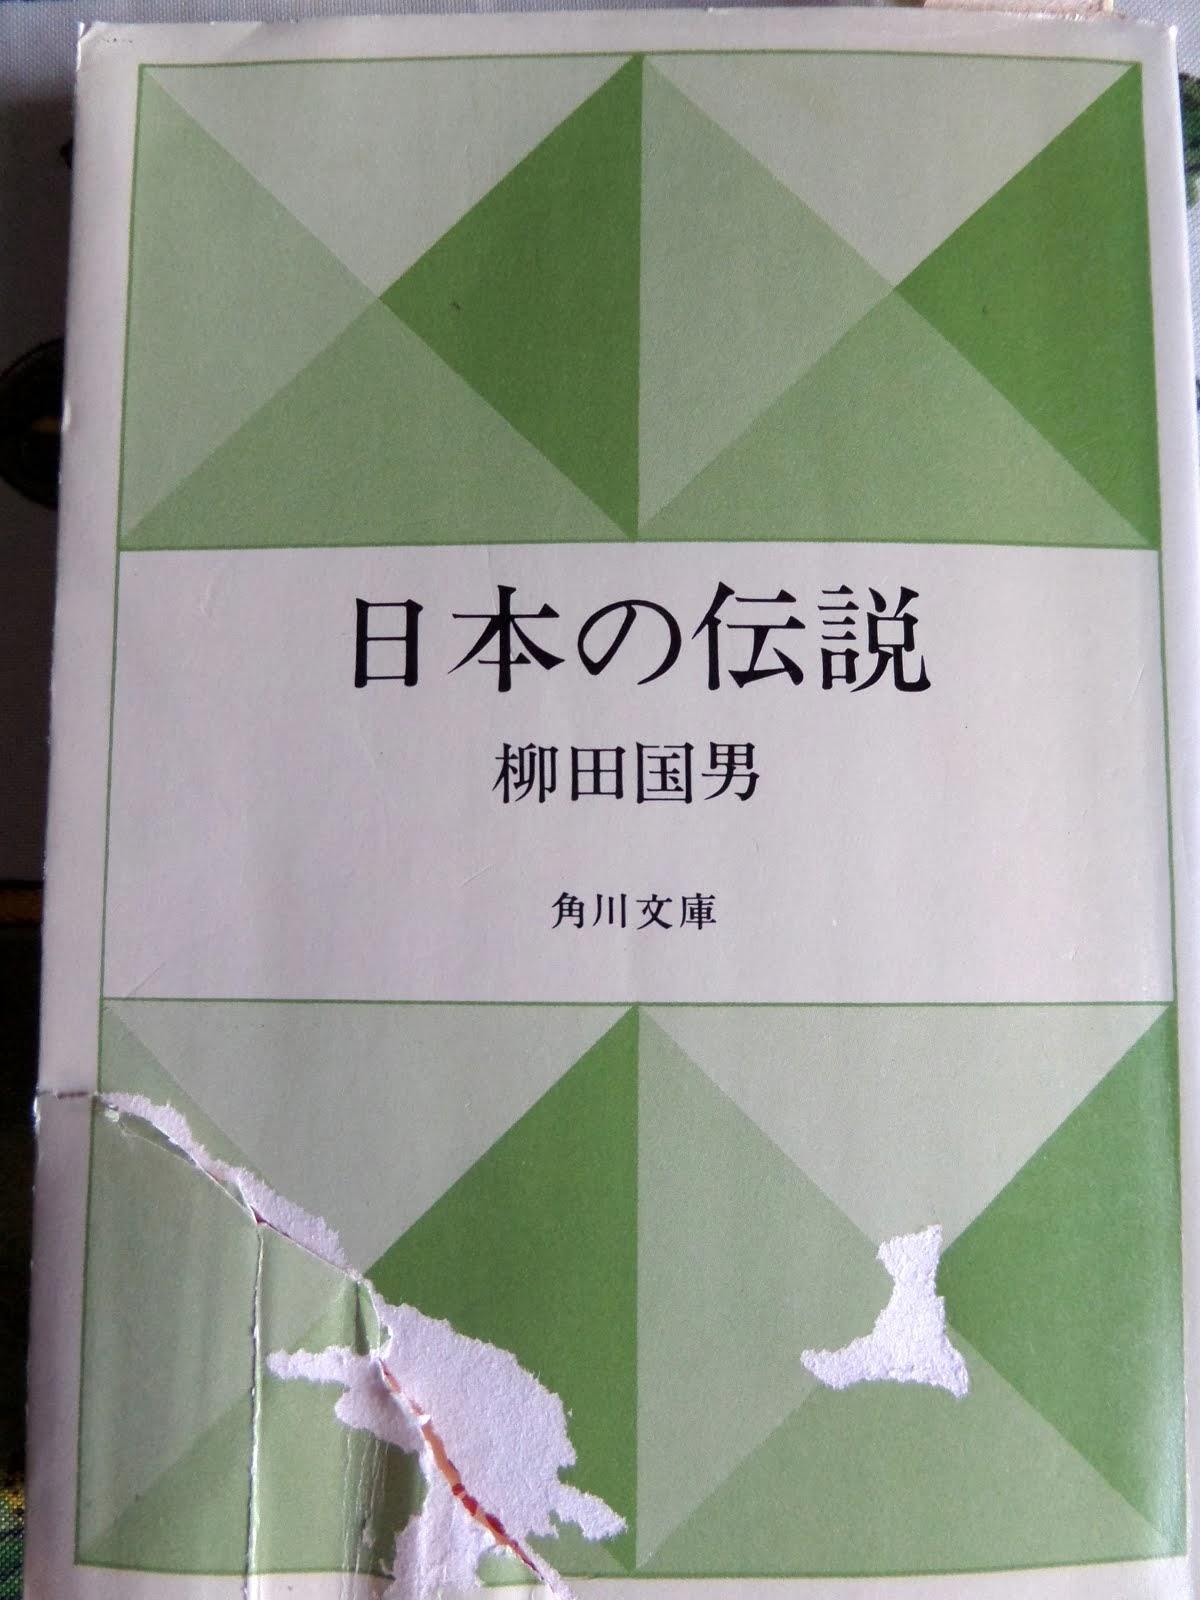 「日本の伝説」柳田国男著 (角川文庫)を読む 浜辺の砂子の数ほどある話しを数えて・・・